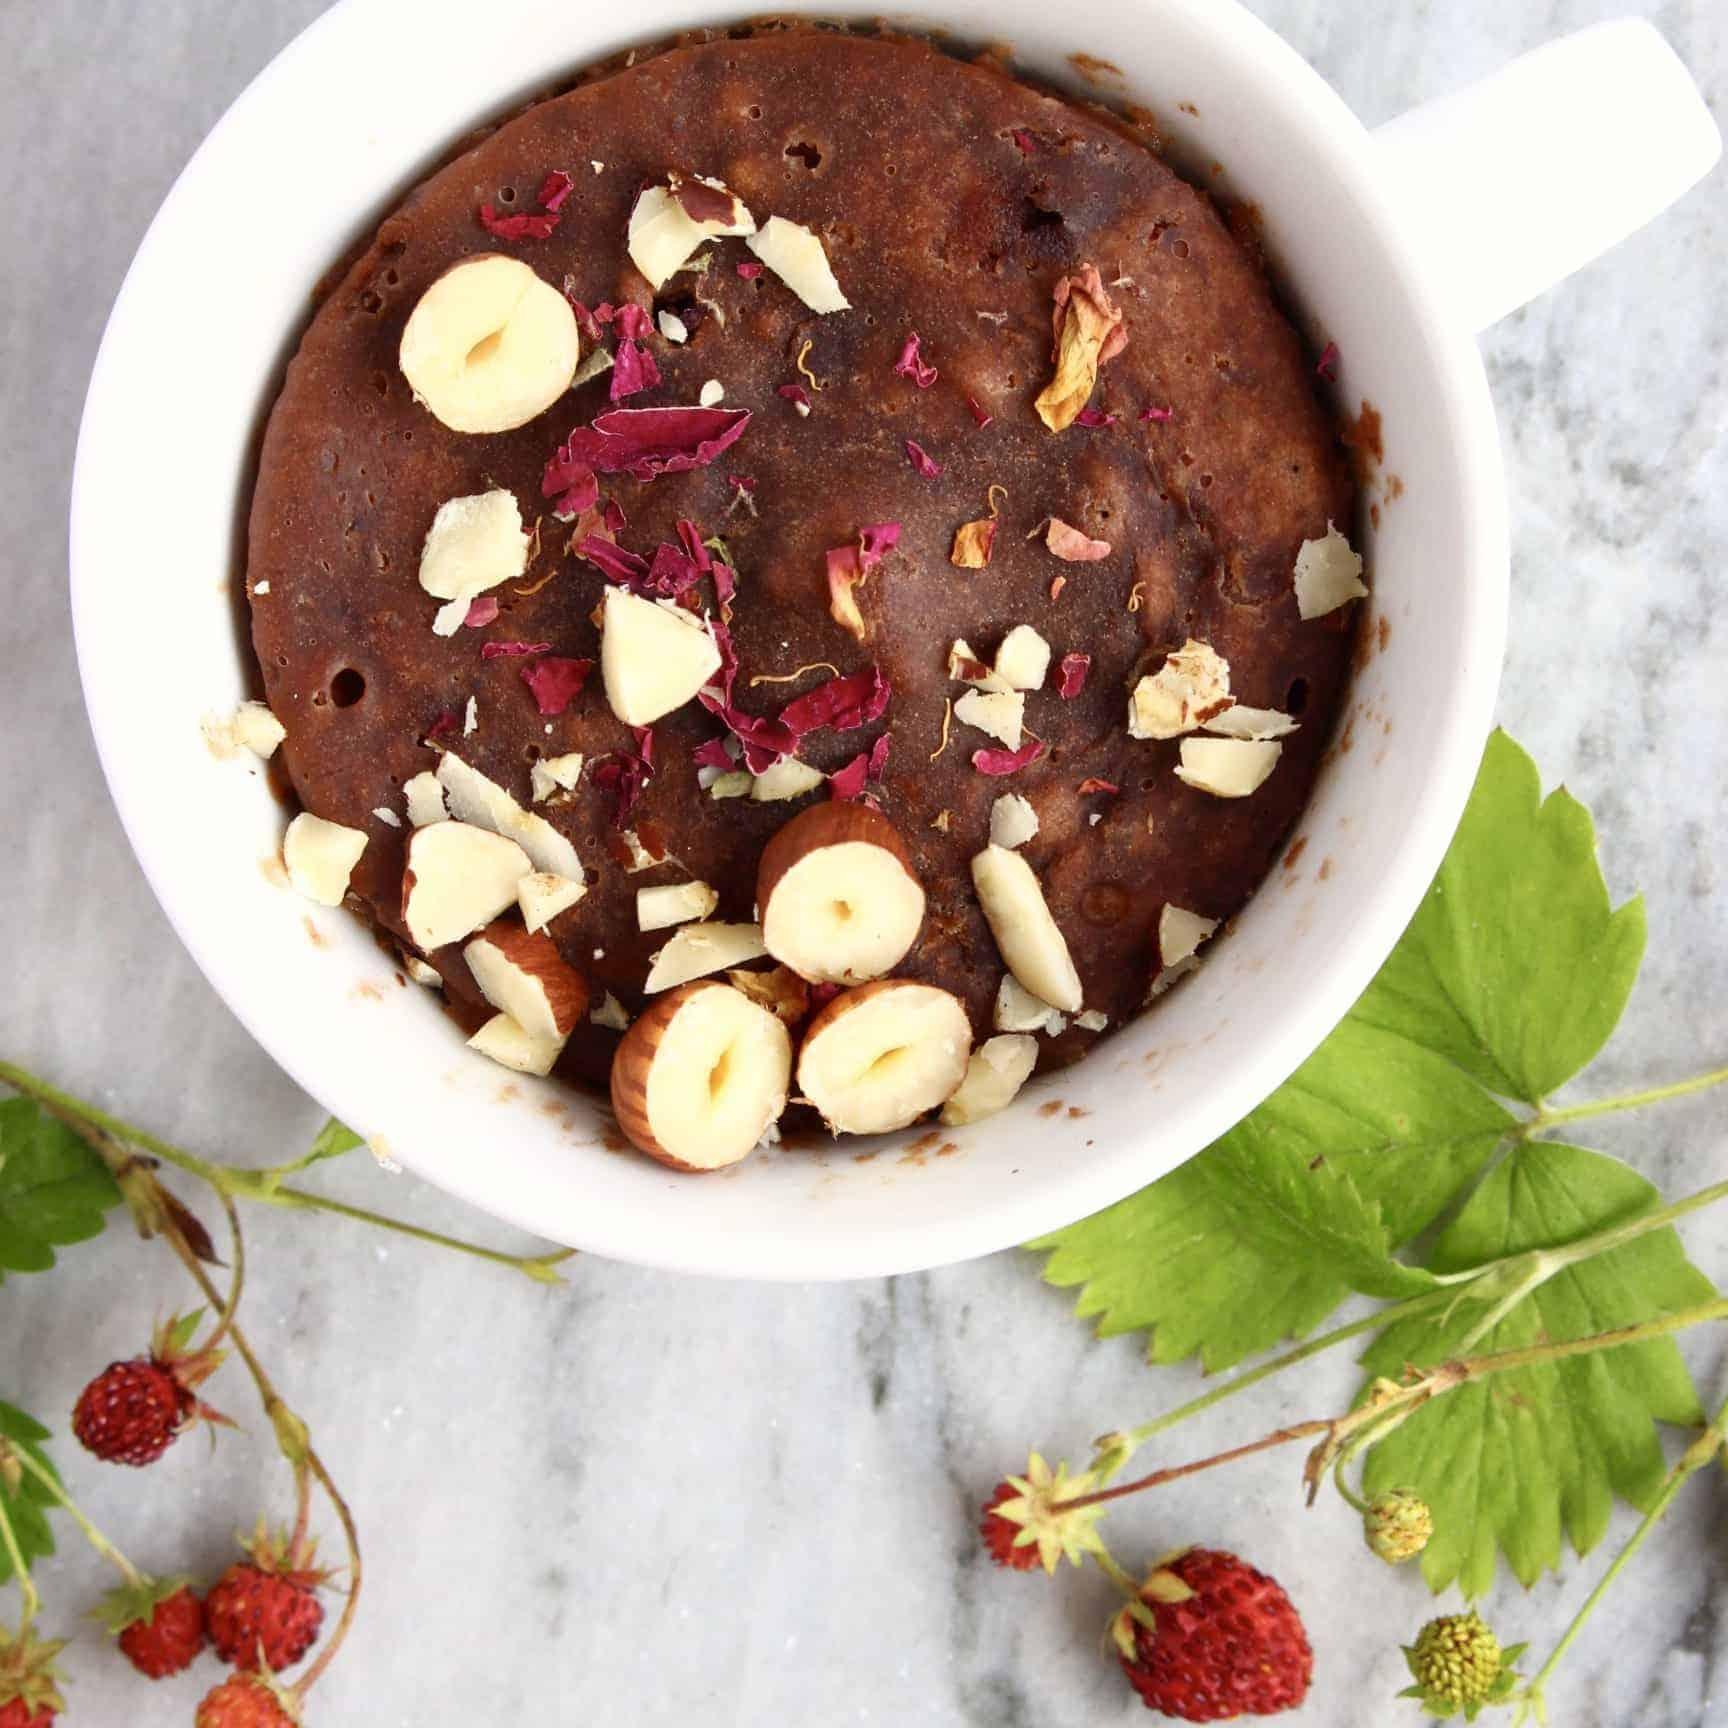 Vegan Chocolate Microwave Mug Cake